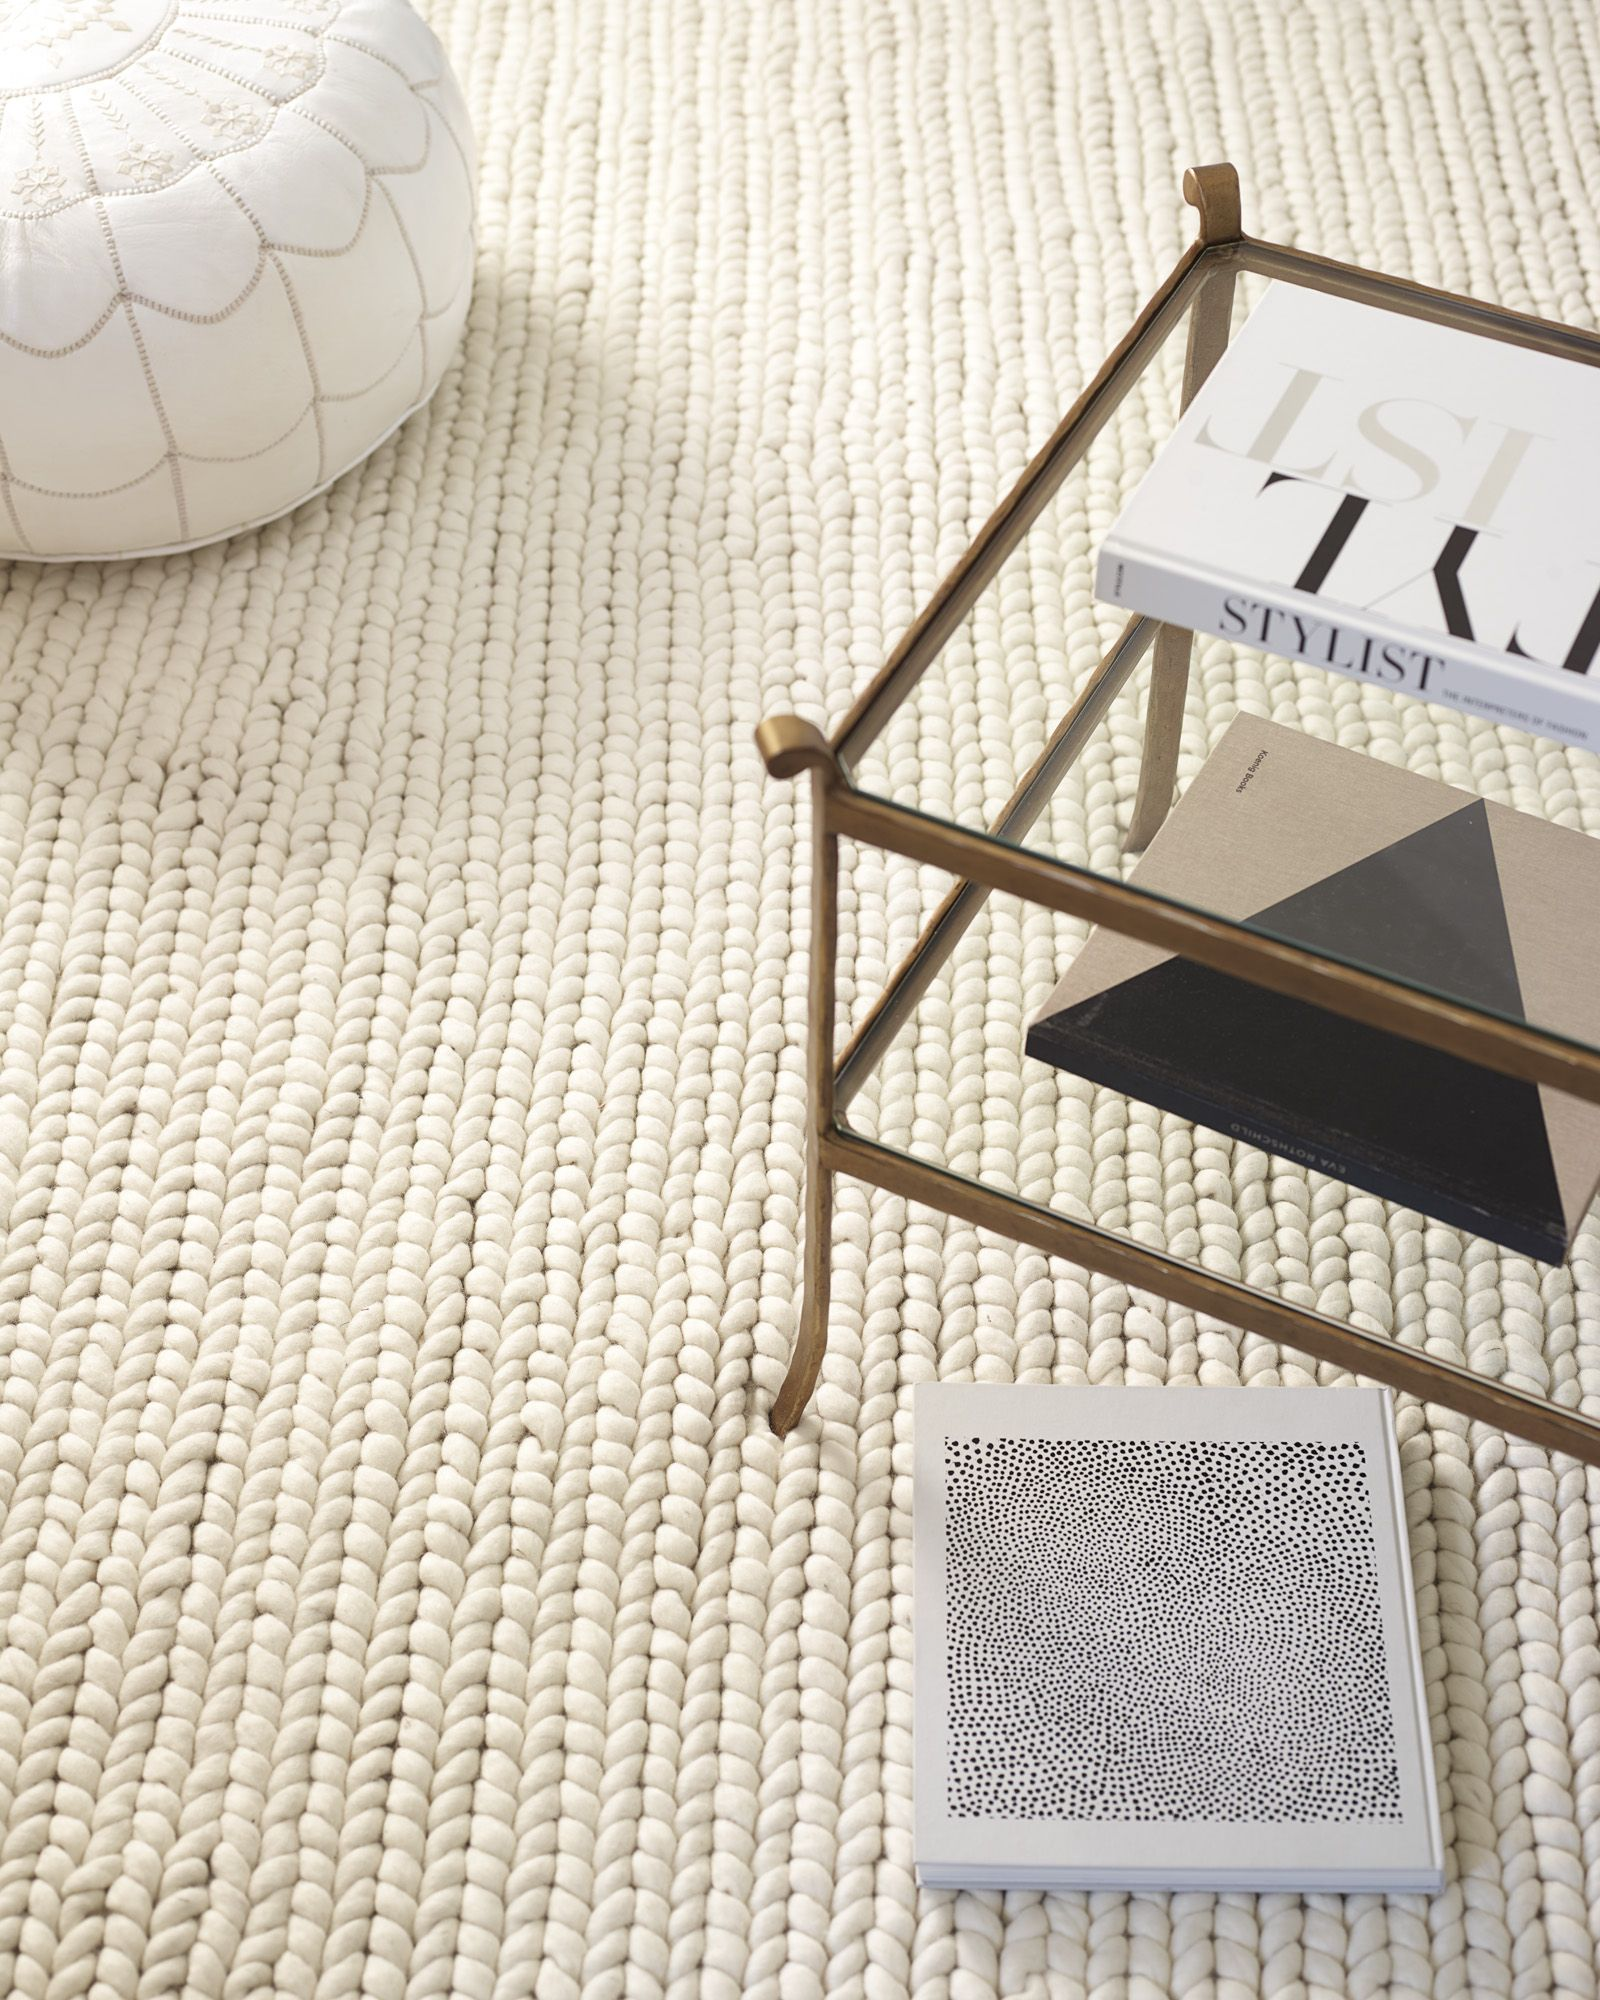 Braided Wool RugBraided Wool Rug | dwell | Pinterest ...